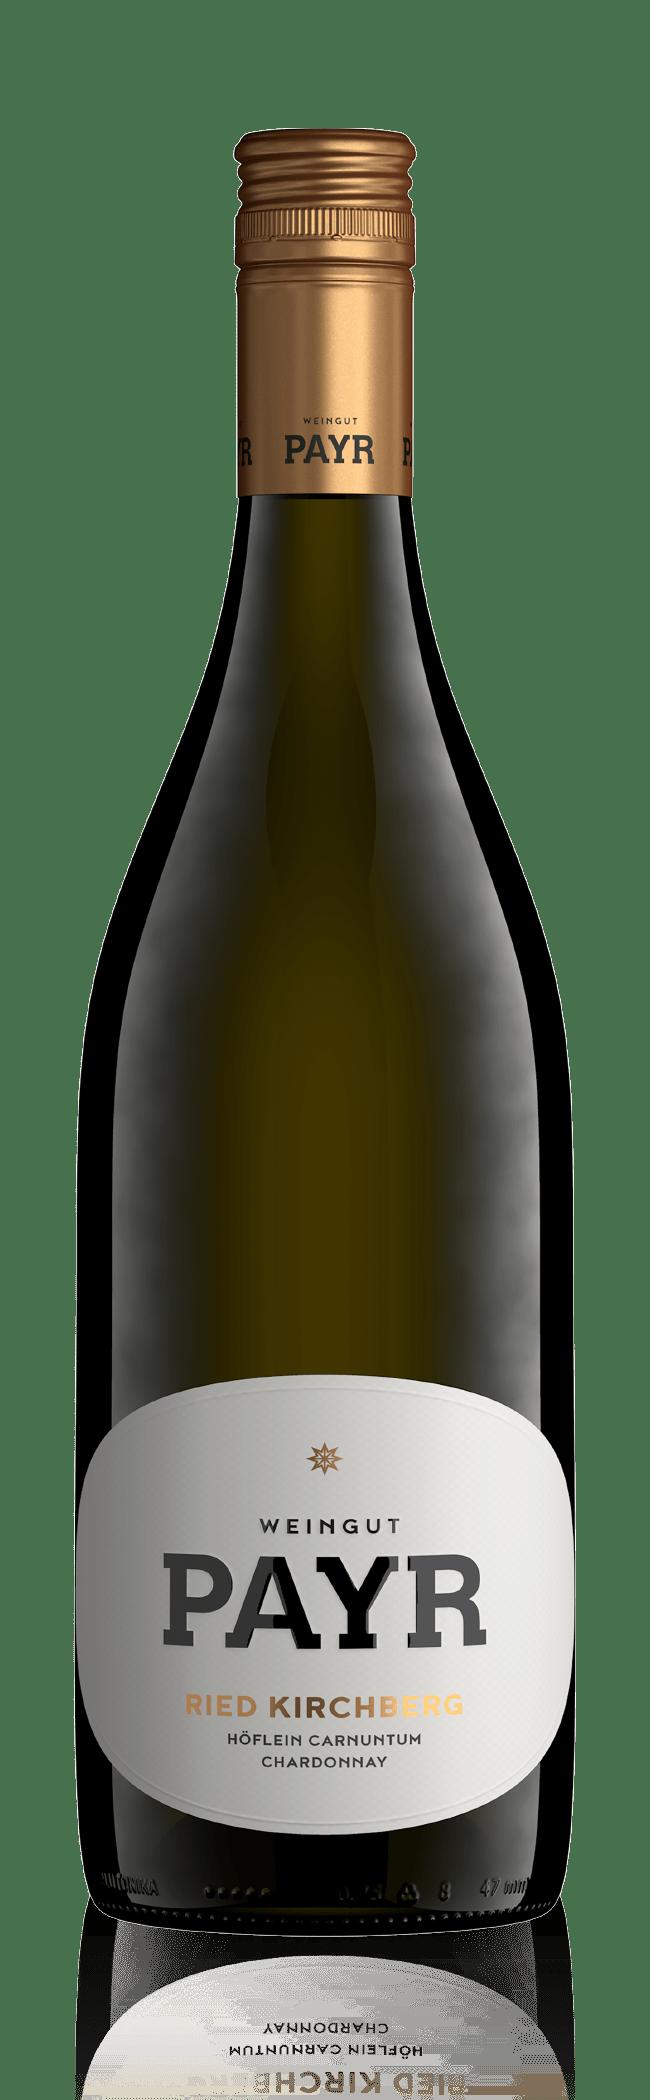 Weinflasche Ried Kirchberg